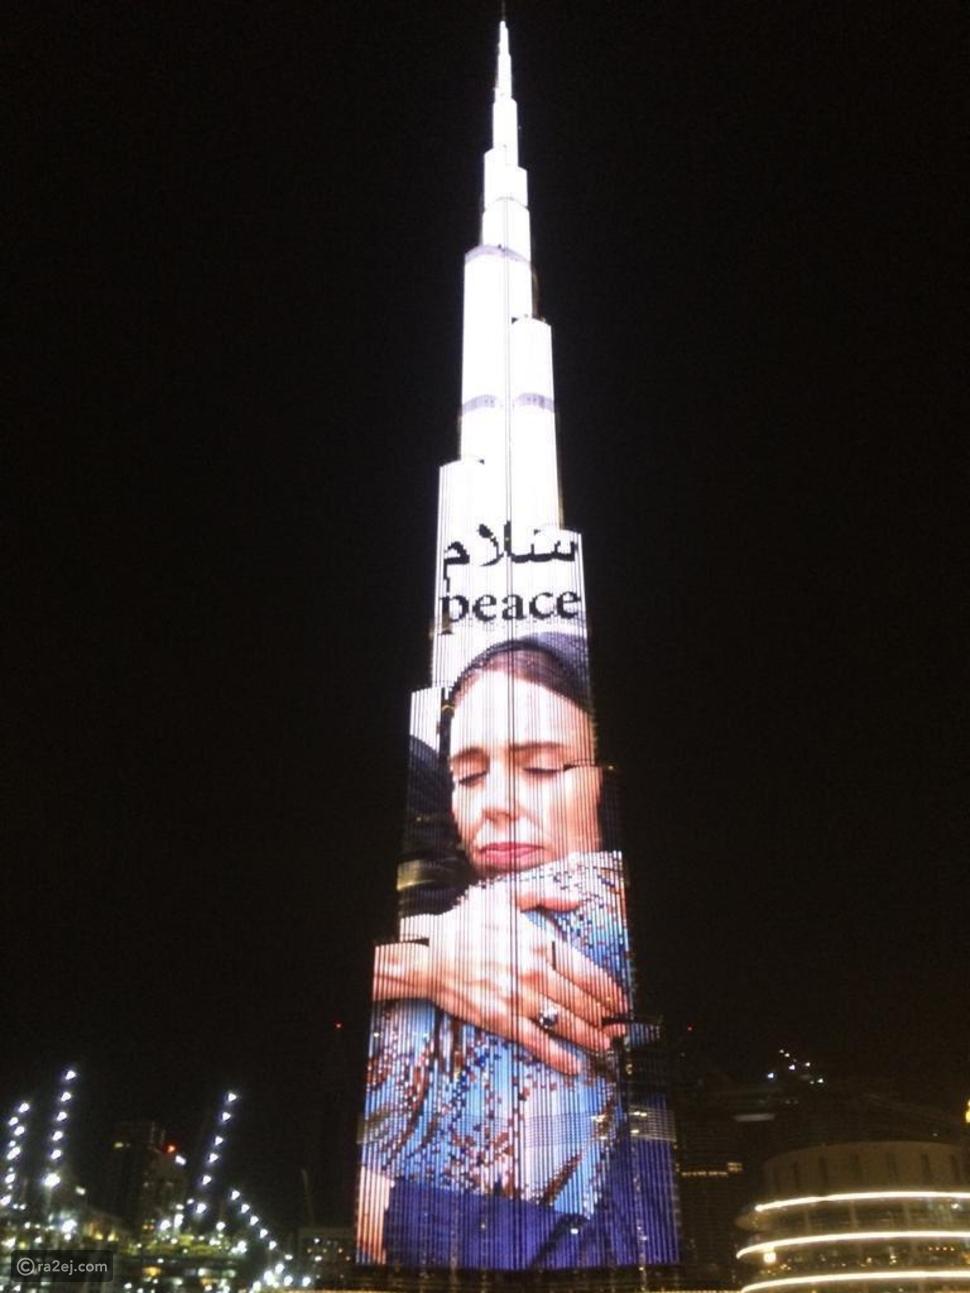 هكذا احتفى برج خليفة بتسامح رئيسة وزراء نيوزيلندا وهي مرتدية الحجاب